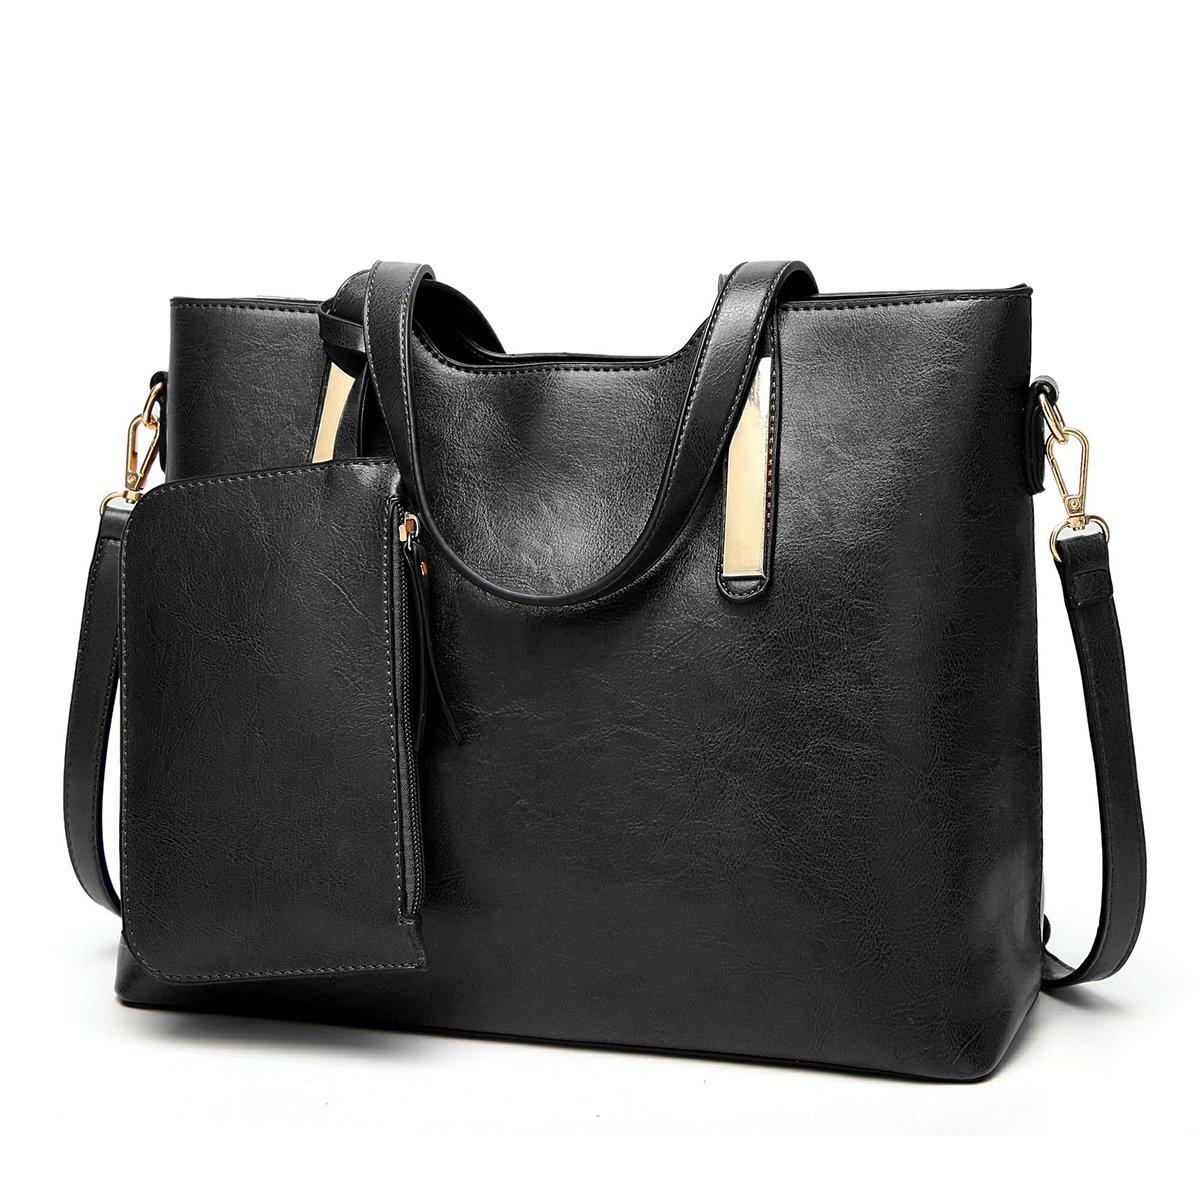 Women Top Handle Satchel Purses and Handbags Shoulder Tote Bags Wallet Sets QIN LX (black)